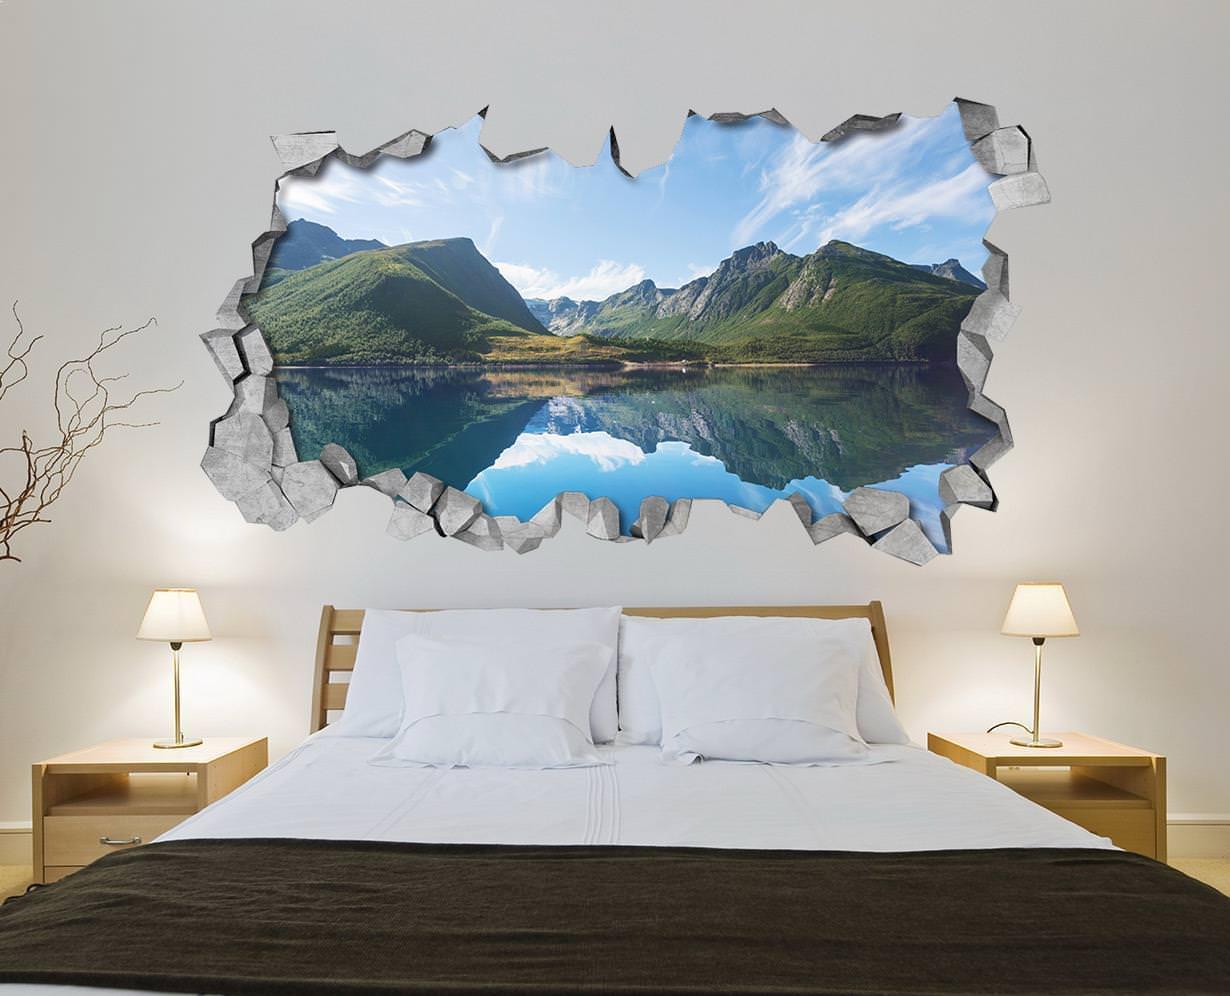 Lago Nas Montanhas Efeitos 3d Casadart Pt